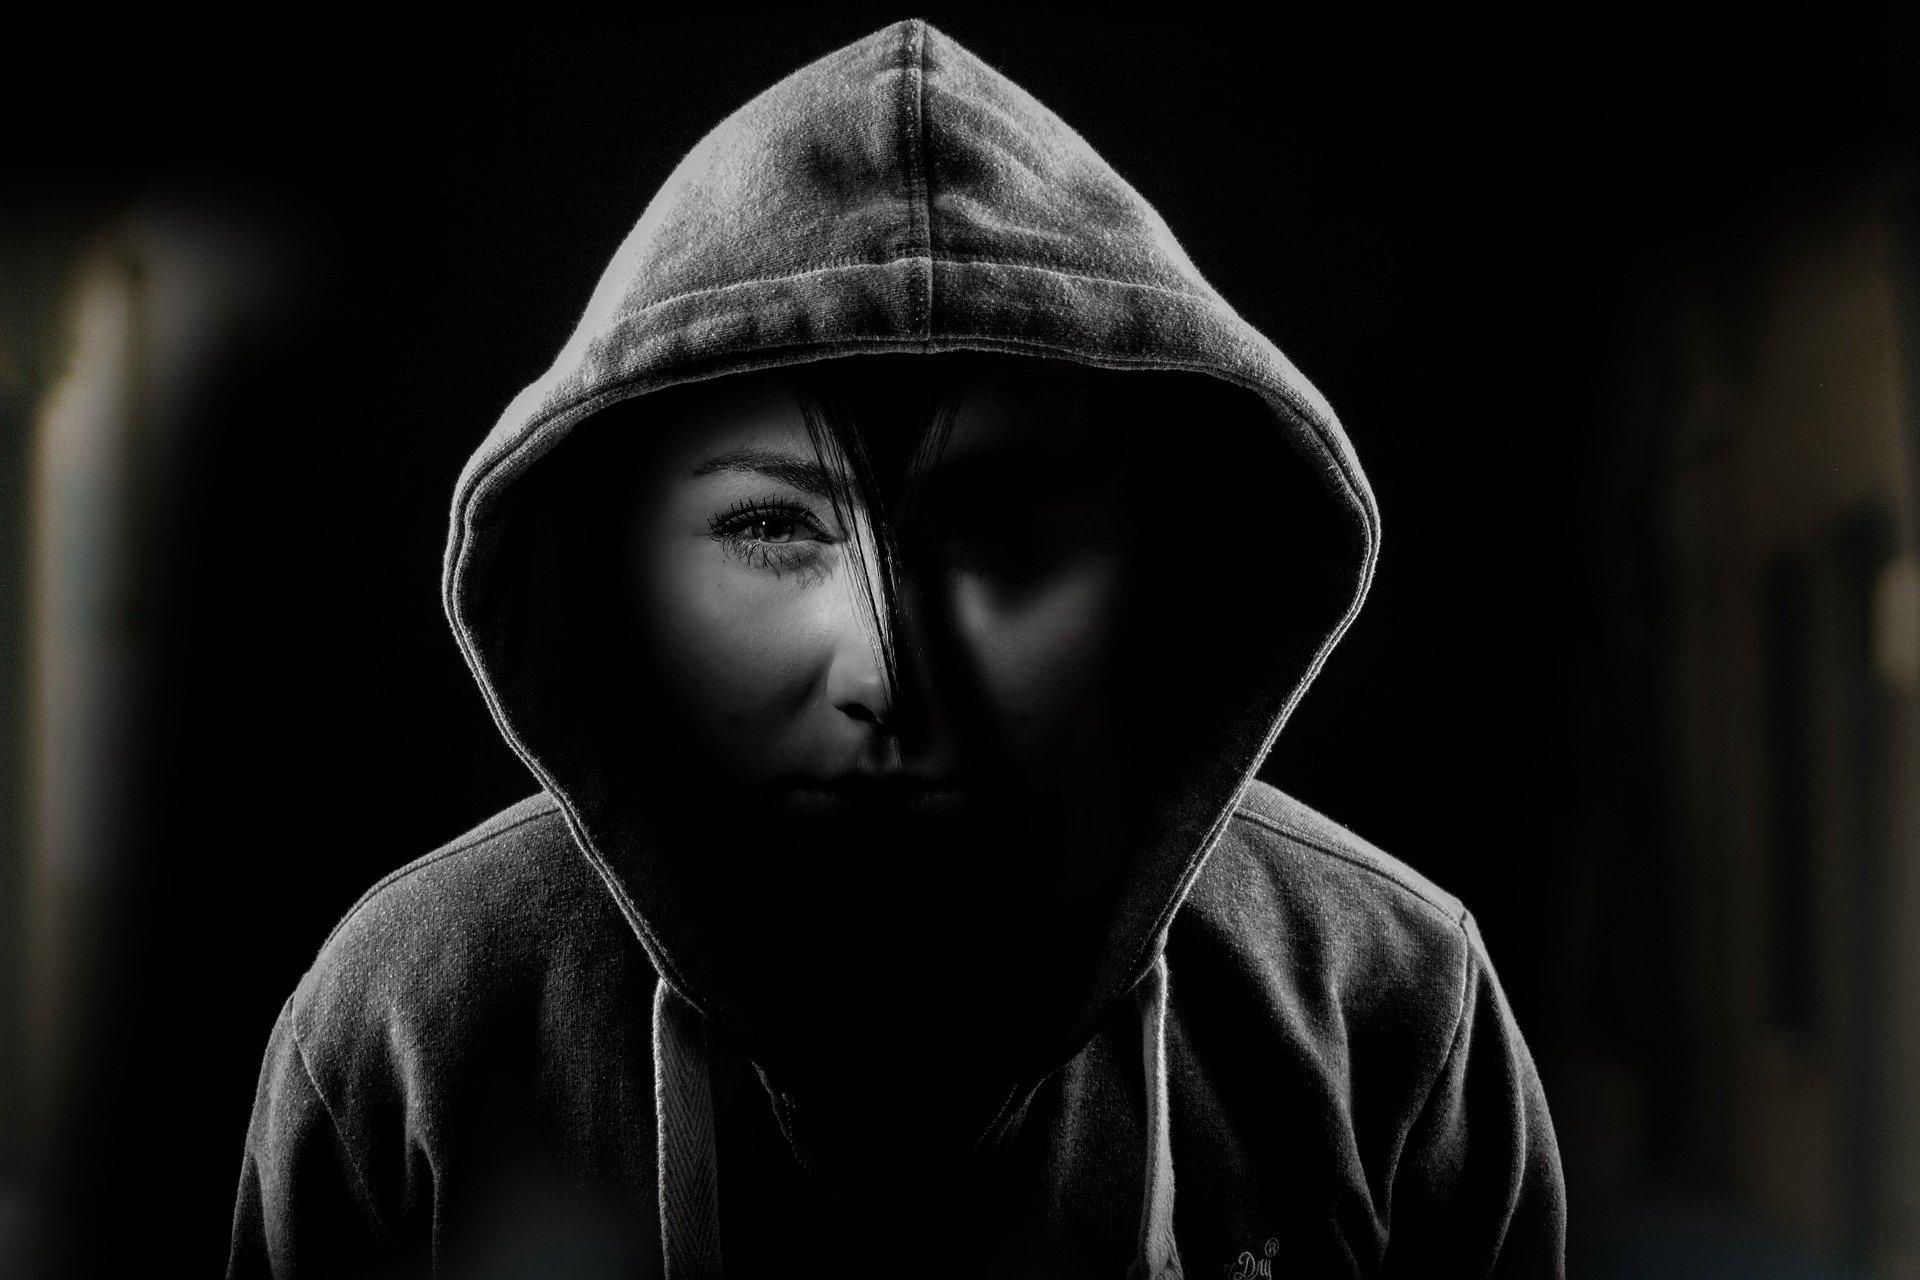 Live Online-Vortrag Jung, belastet, depressiv? Wege aus der Krise